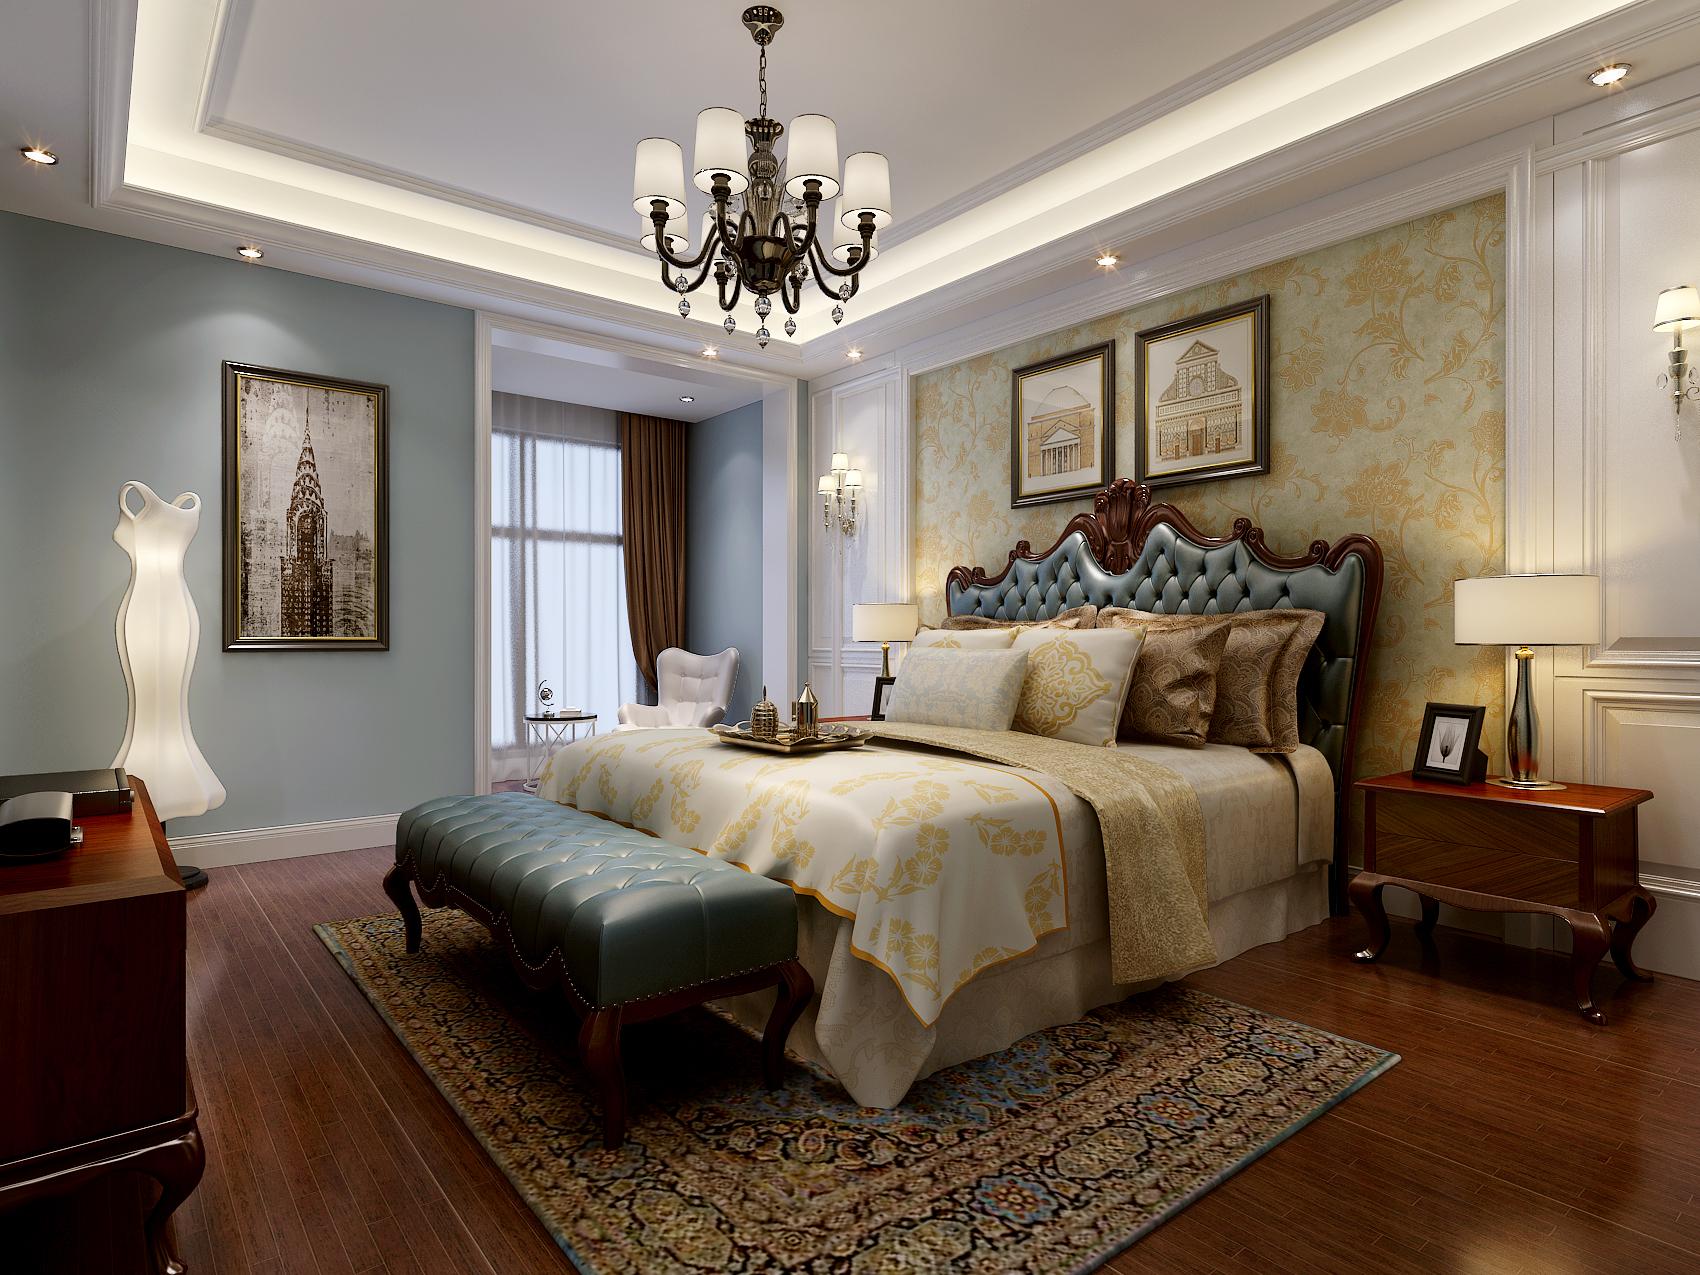 卧室图片来自北京业之峰装饰王宏哲在美式慢生活的分享